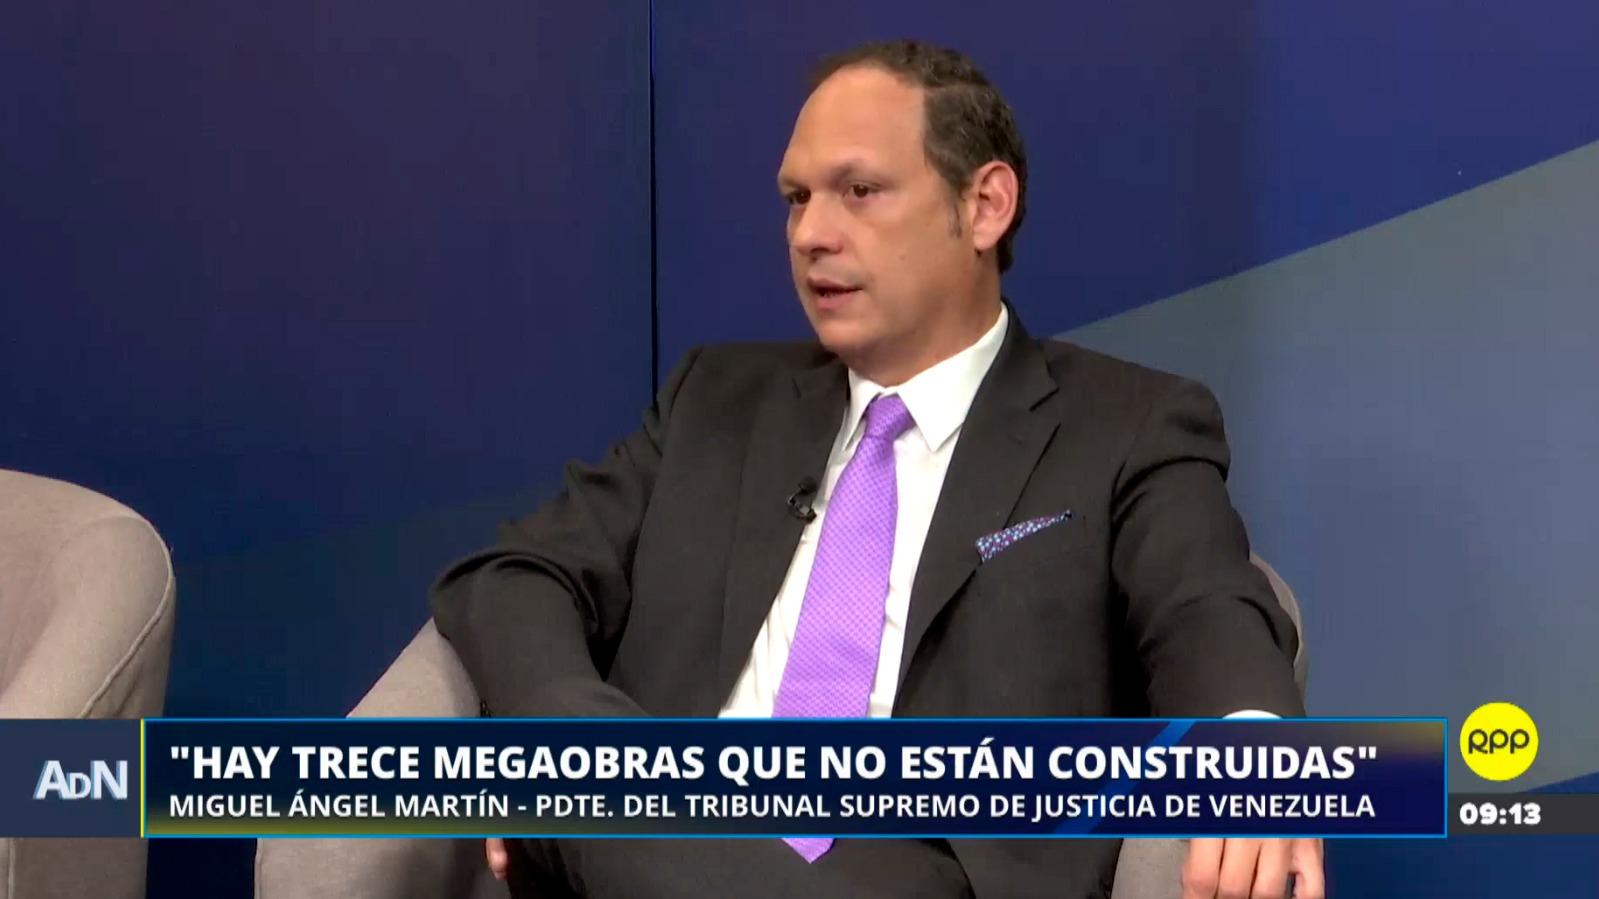 El presidente del Tribunal Supremo de Justicia de Venezuela estuvo en Ampliación de Noticias